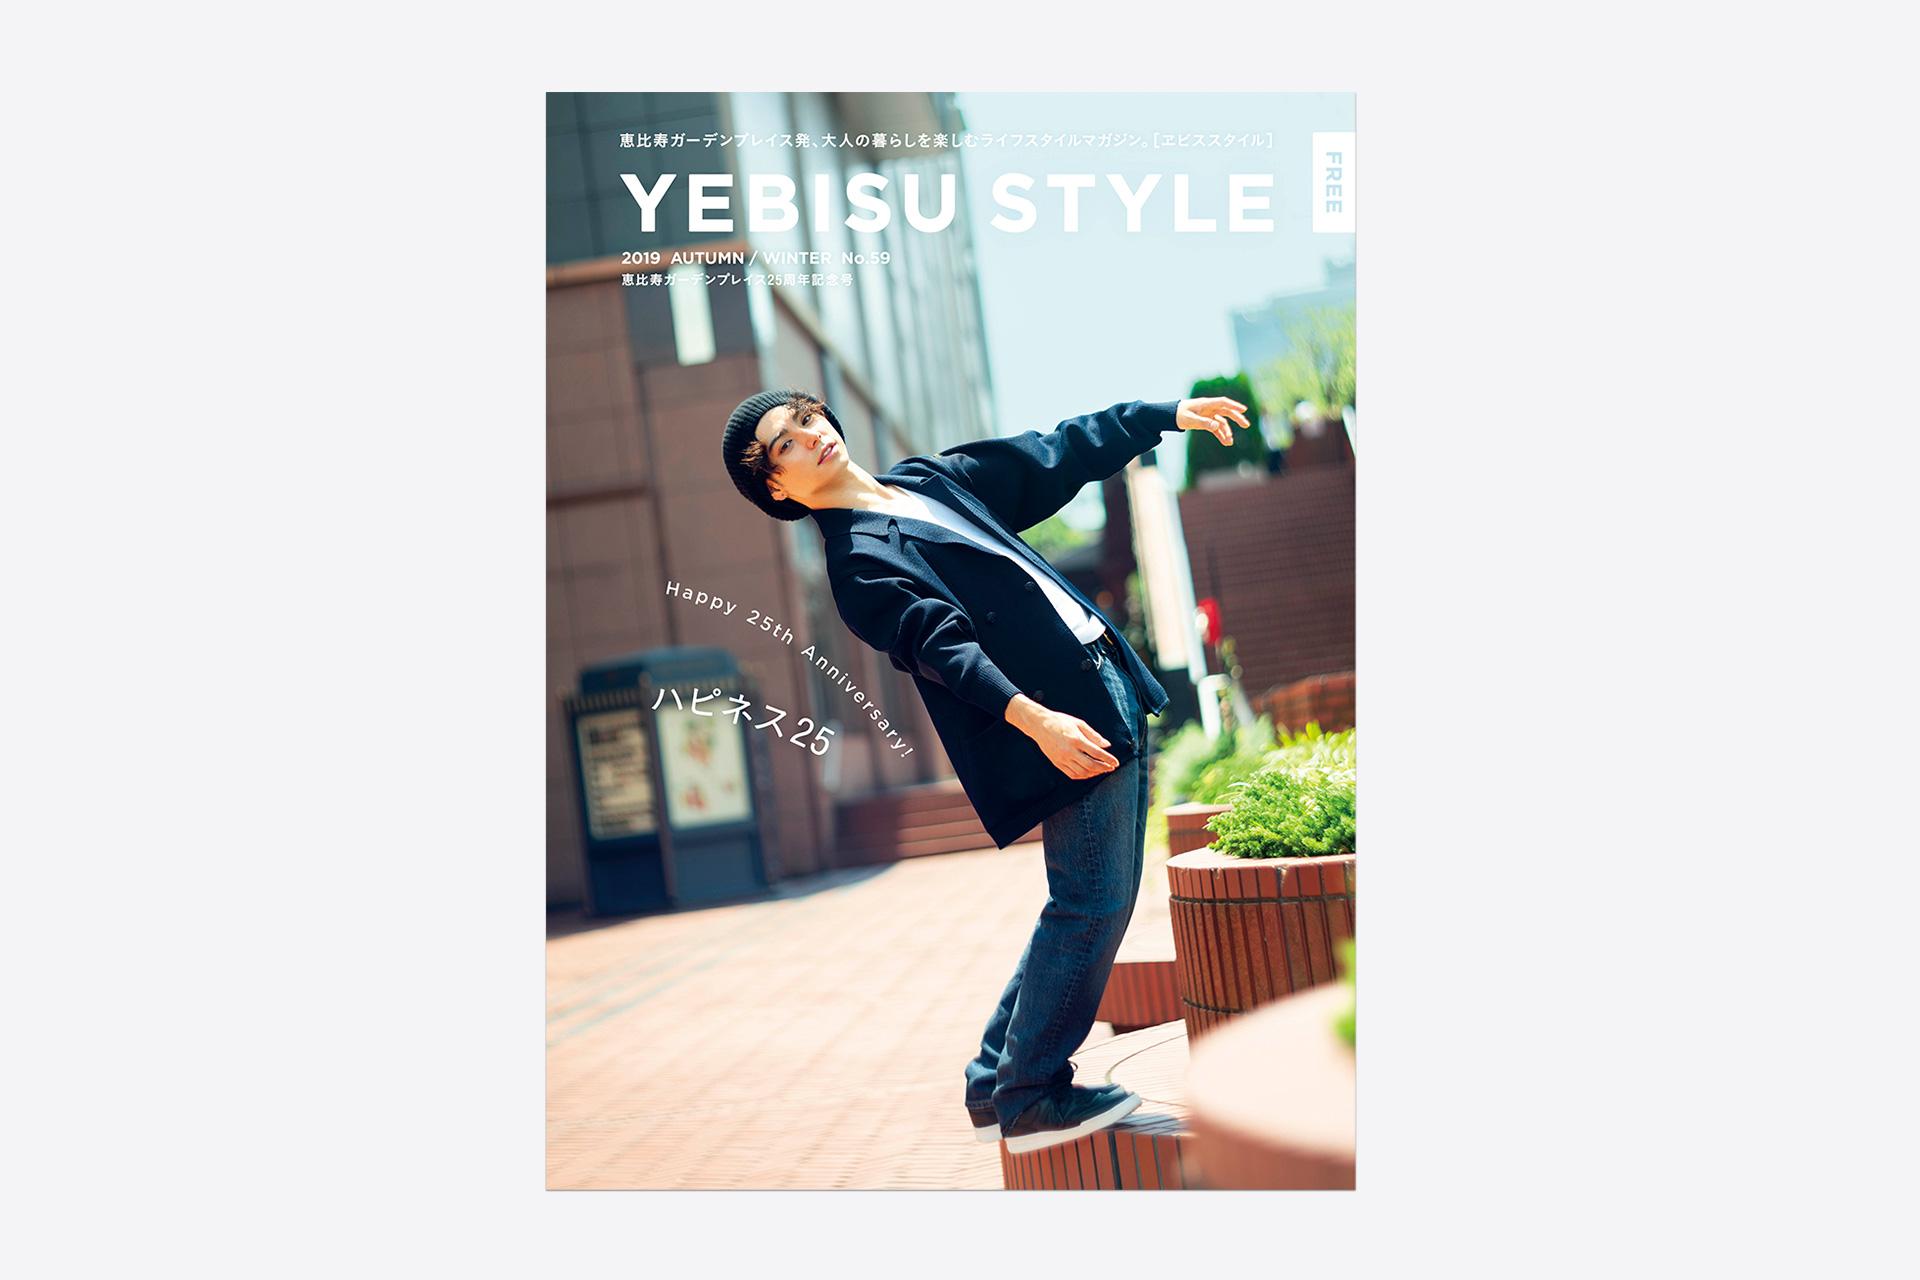 YEBISU STYLE vol.59